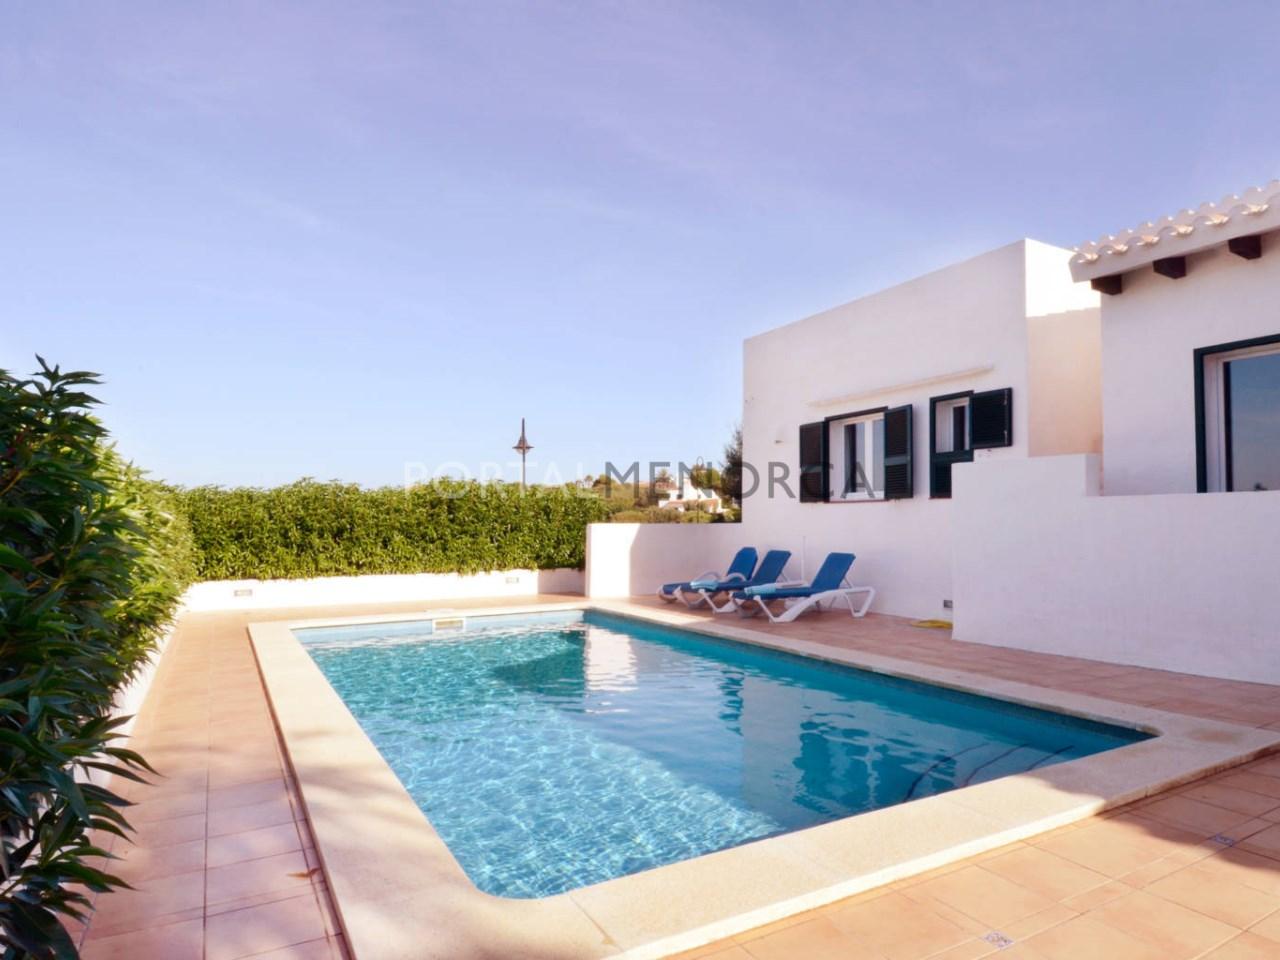 Chalet con piscina y licencia turística en venta en Binibeca Vell